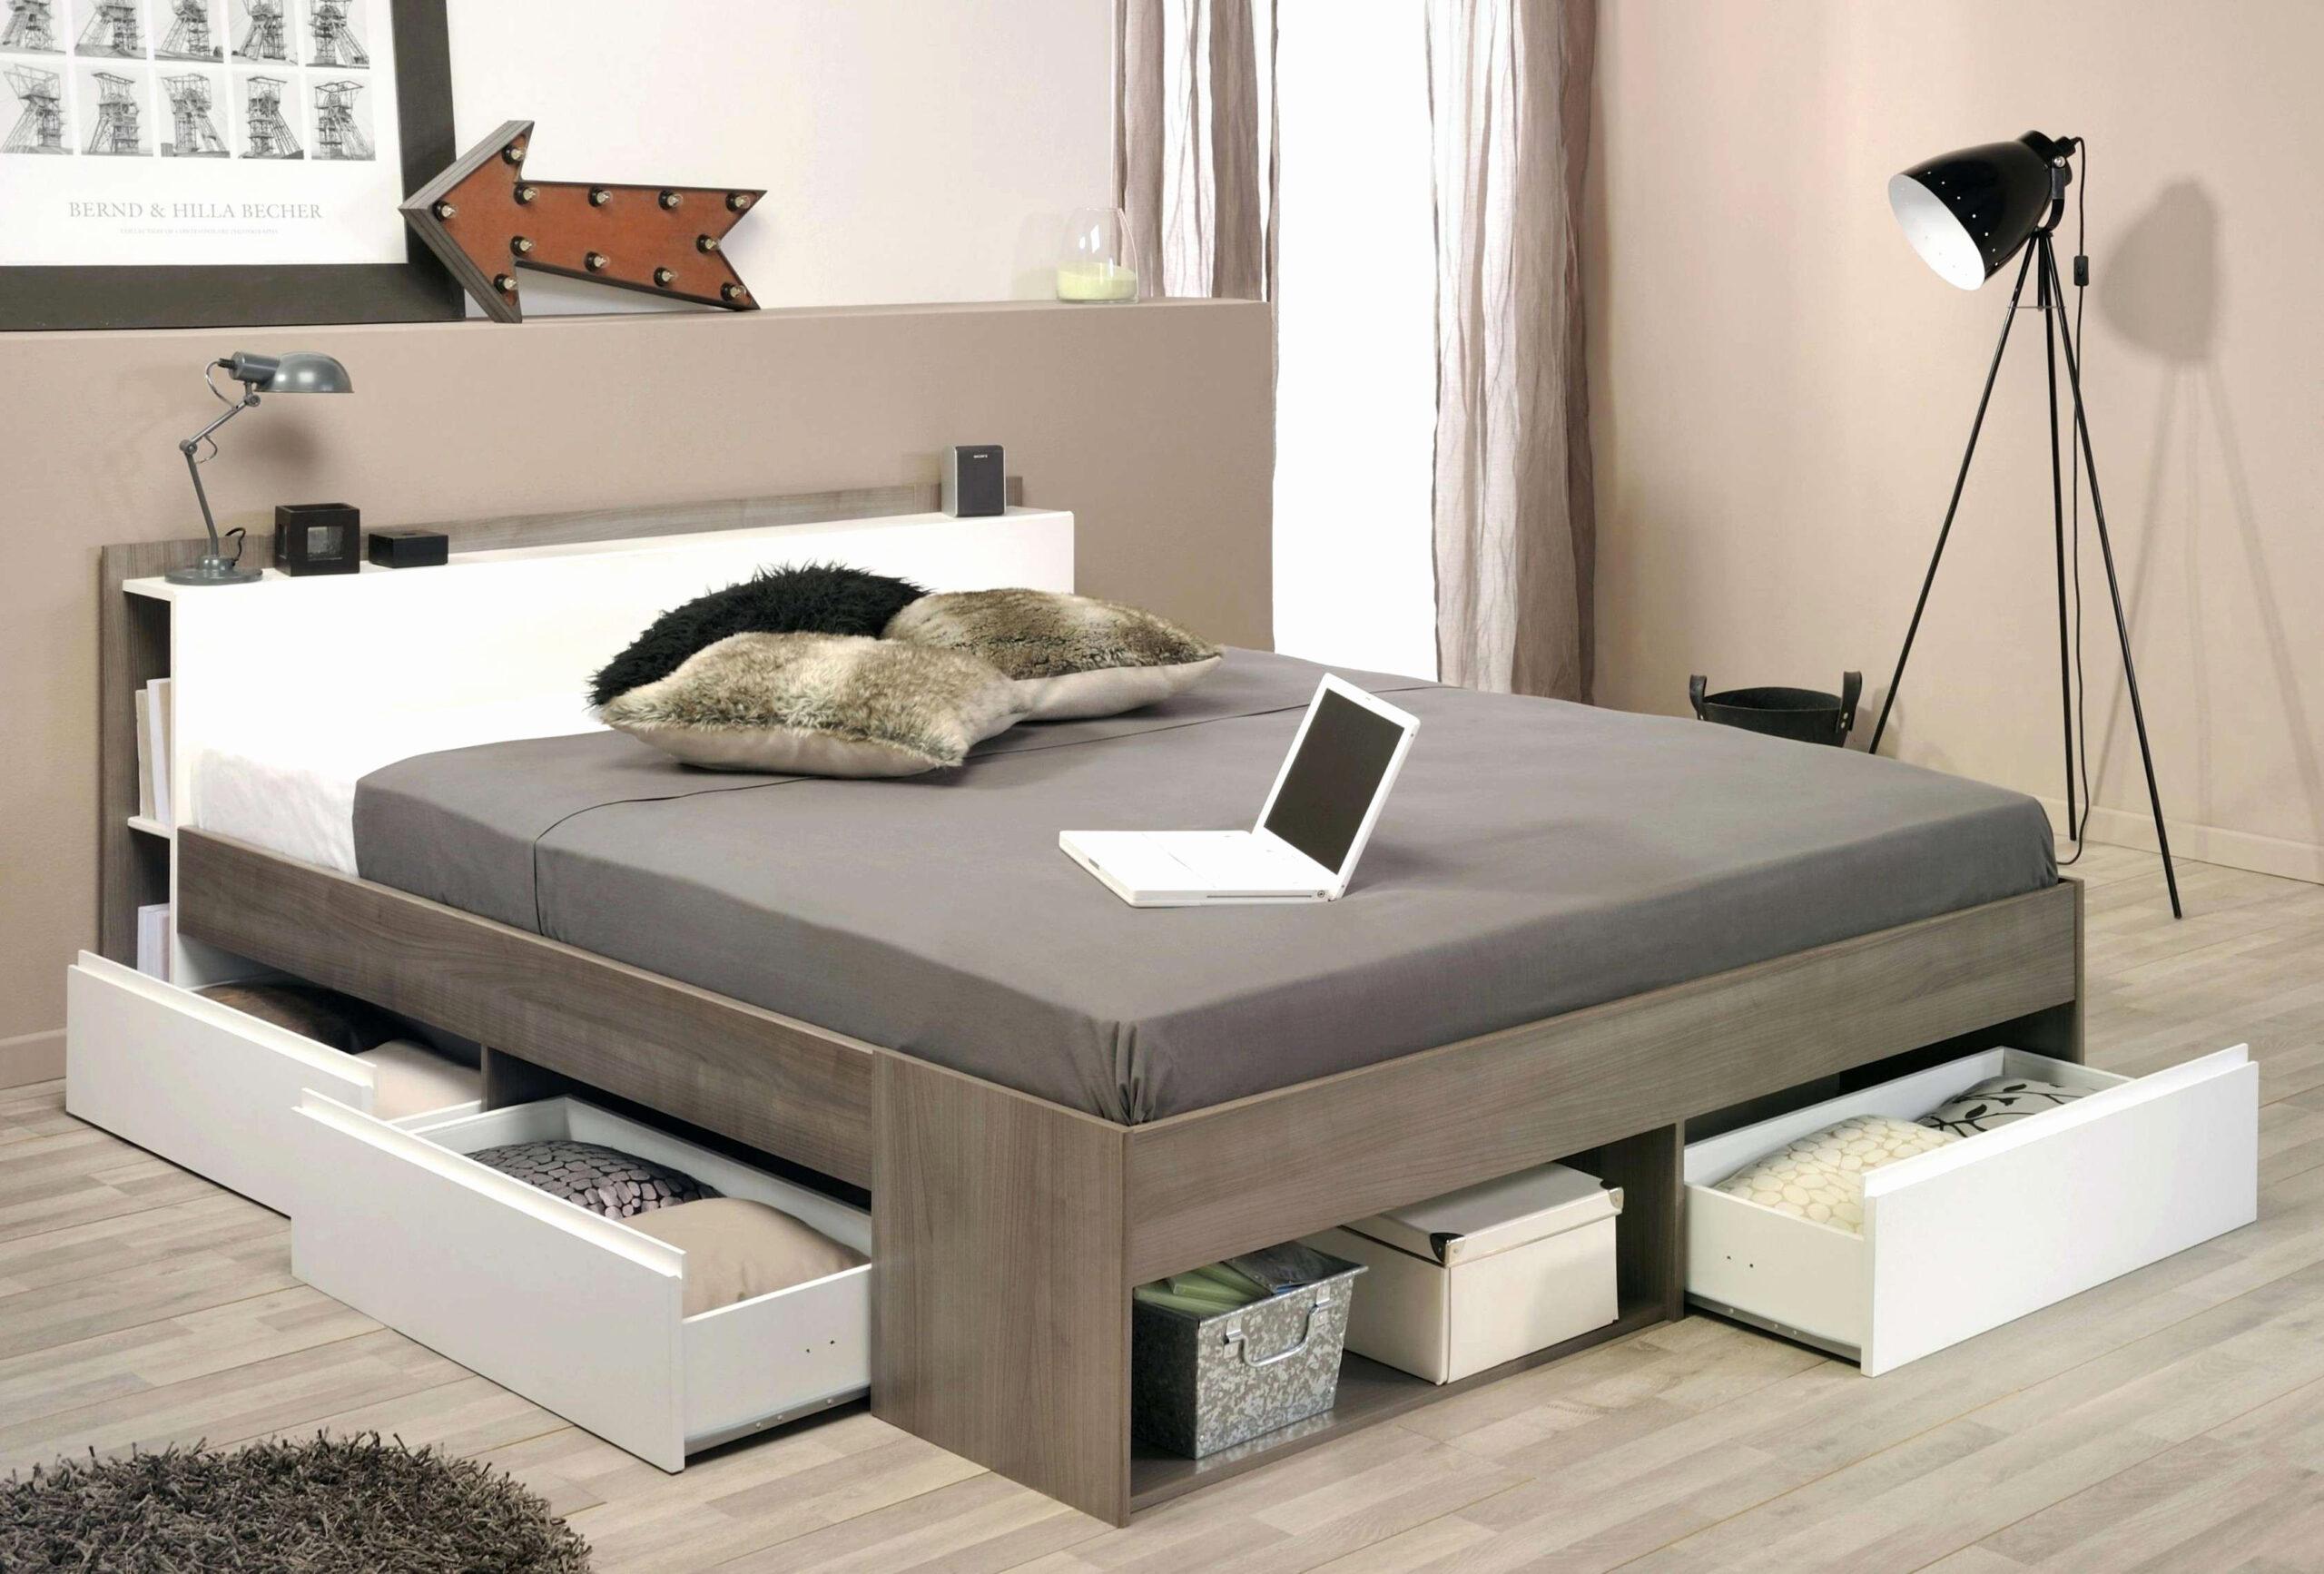 Full Size of Stauraum Bett 120x200 Ikea Flach Modern Design Jugendstil Betten Kaufen 140x200 Kopfteil 140 Baza 180x200 Mit Lattenrost Und Matratze Bettkasten Günstig Wohnzimmer Stauraum Bett 120x200 Ikea